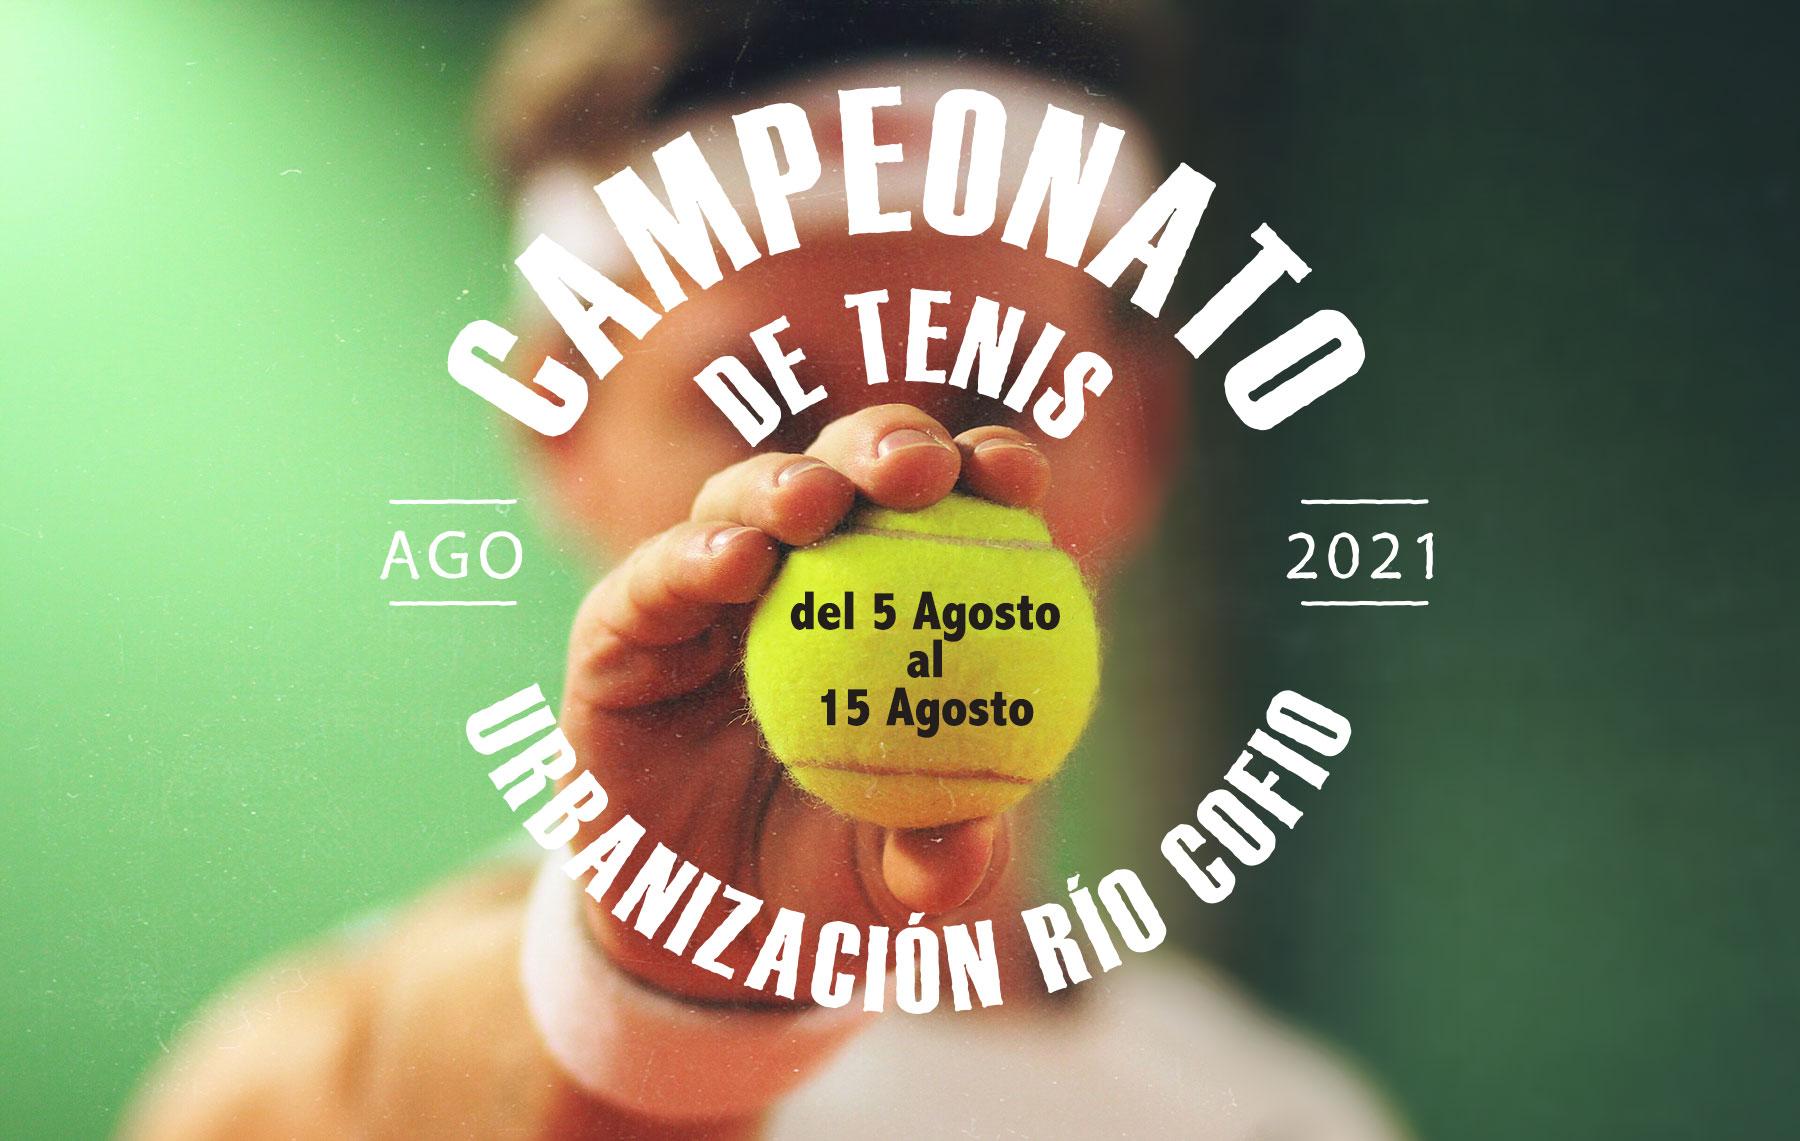 Campeonato de Tenis Urb. Río Cofio 2021